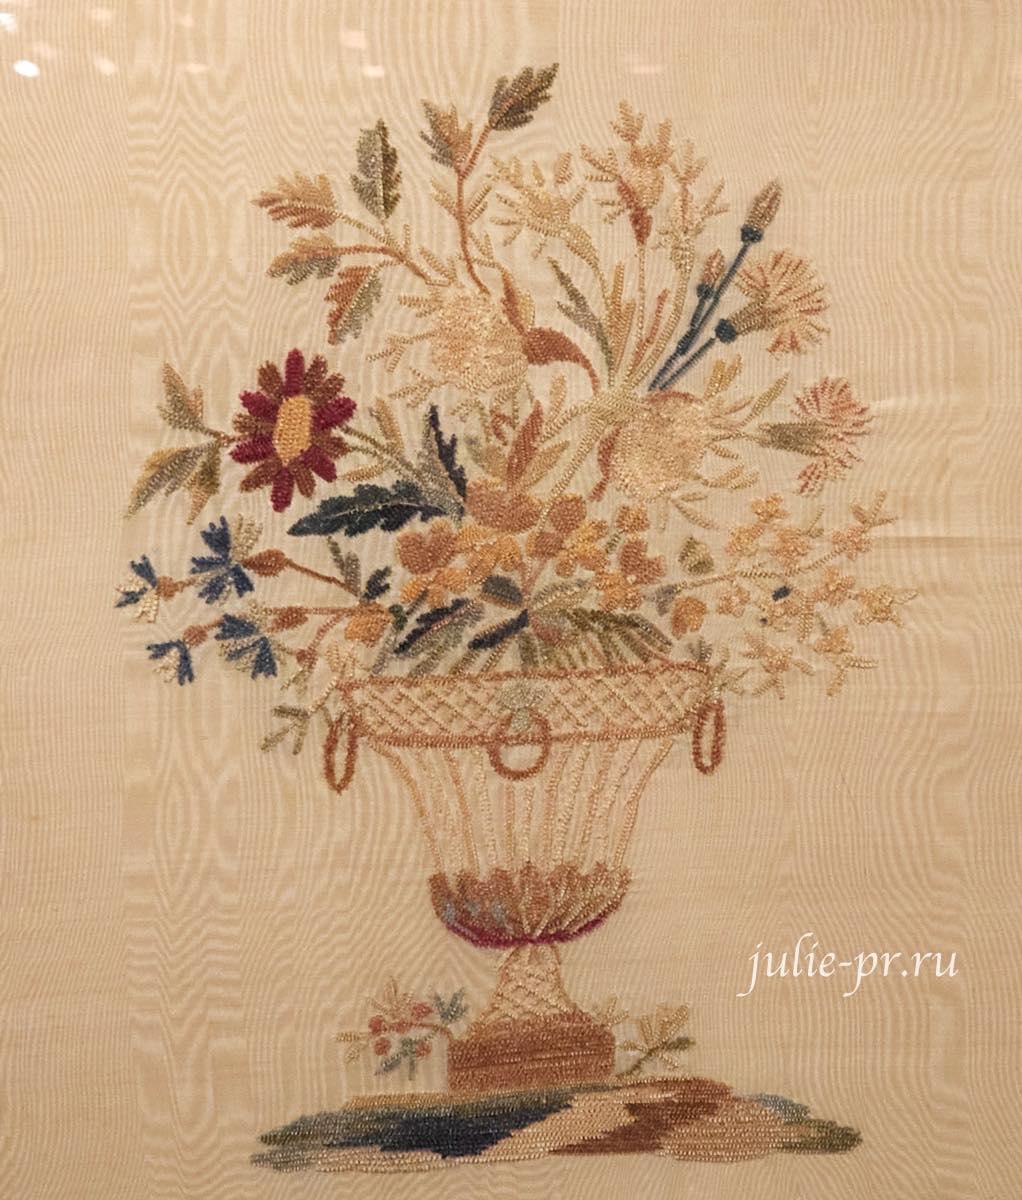 Букет в вазе, 1820-е гг, Франция, вышивка синелью по шёлковому муару, выставка Старинные вышивки